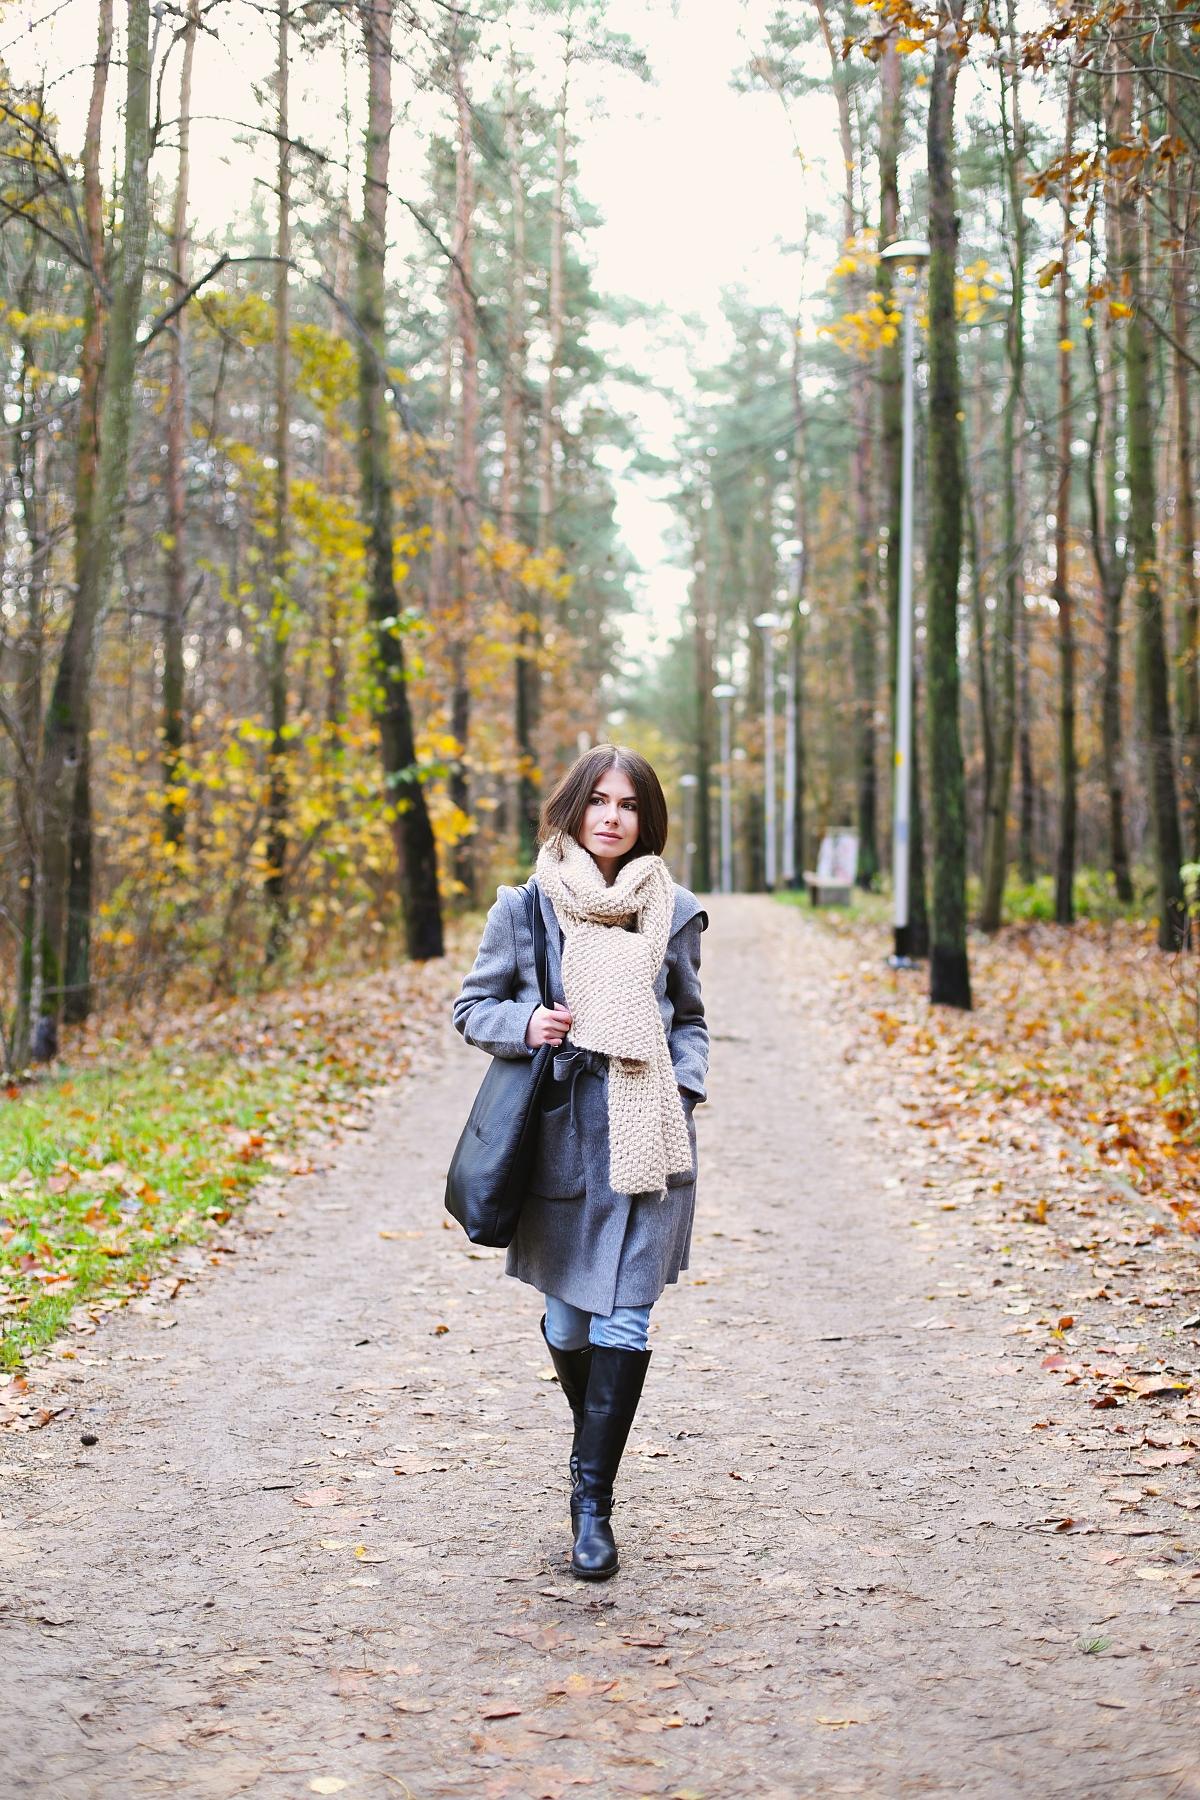 Jesienny zwyklak: szary płaszcz i beżowy wełniany szal